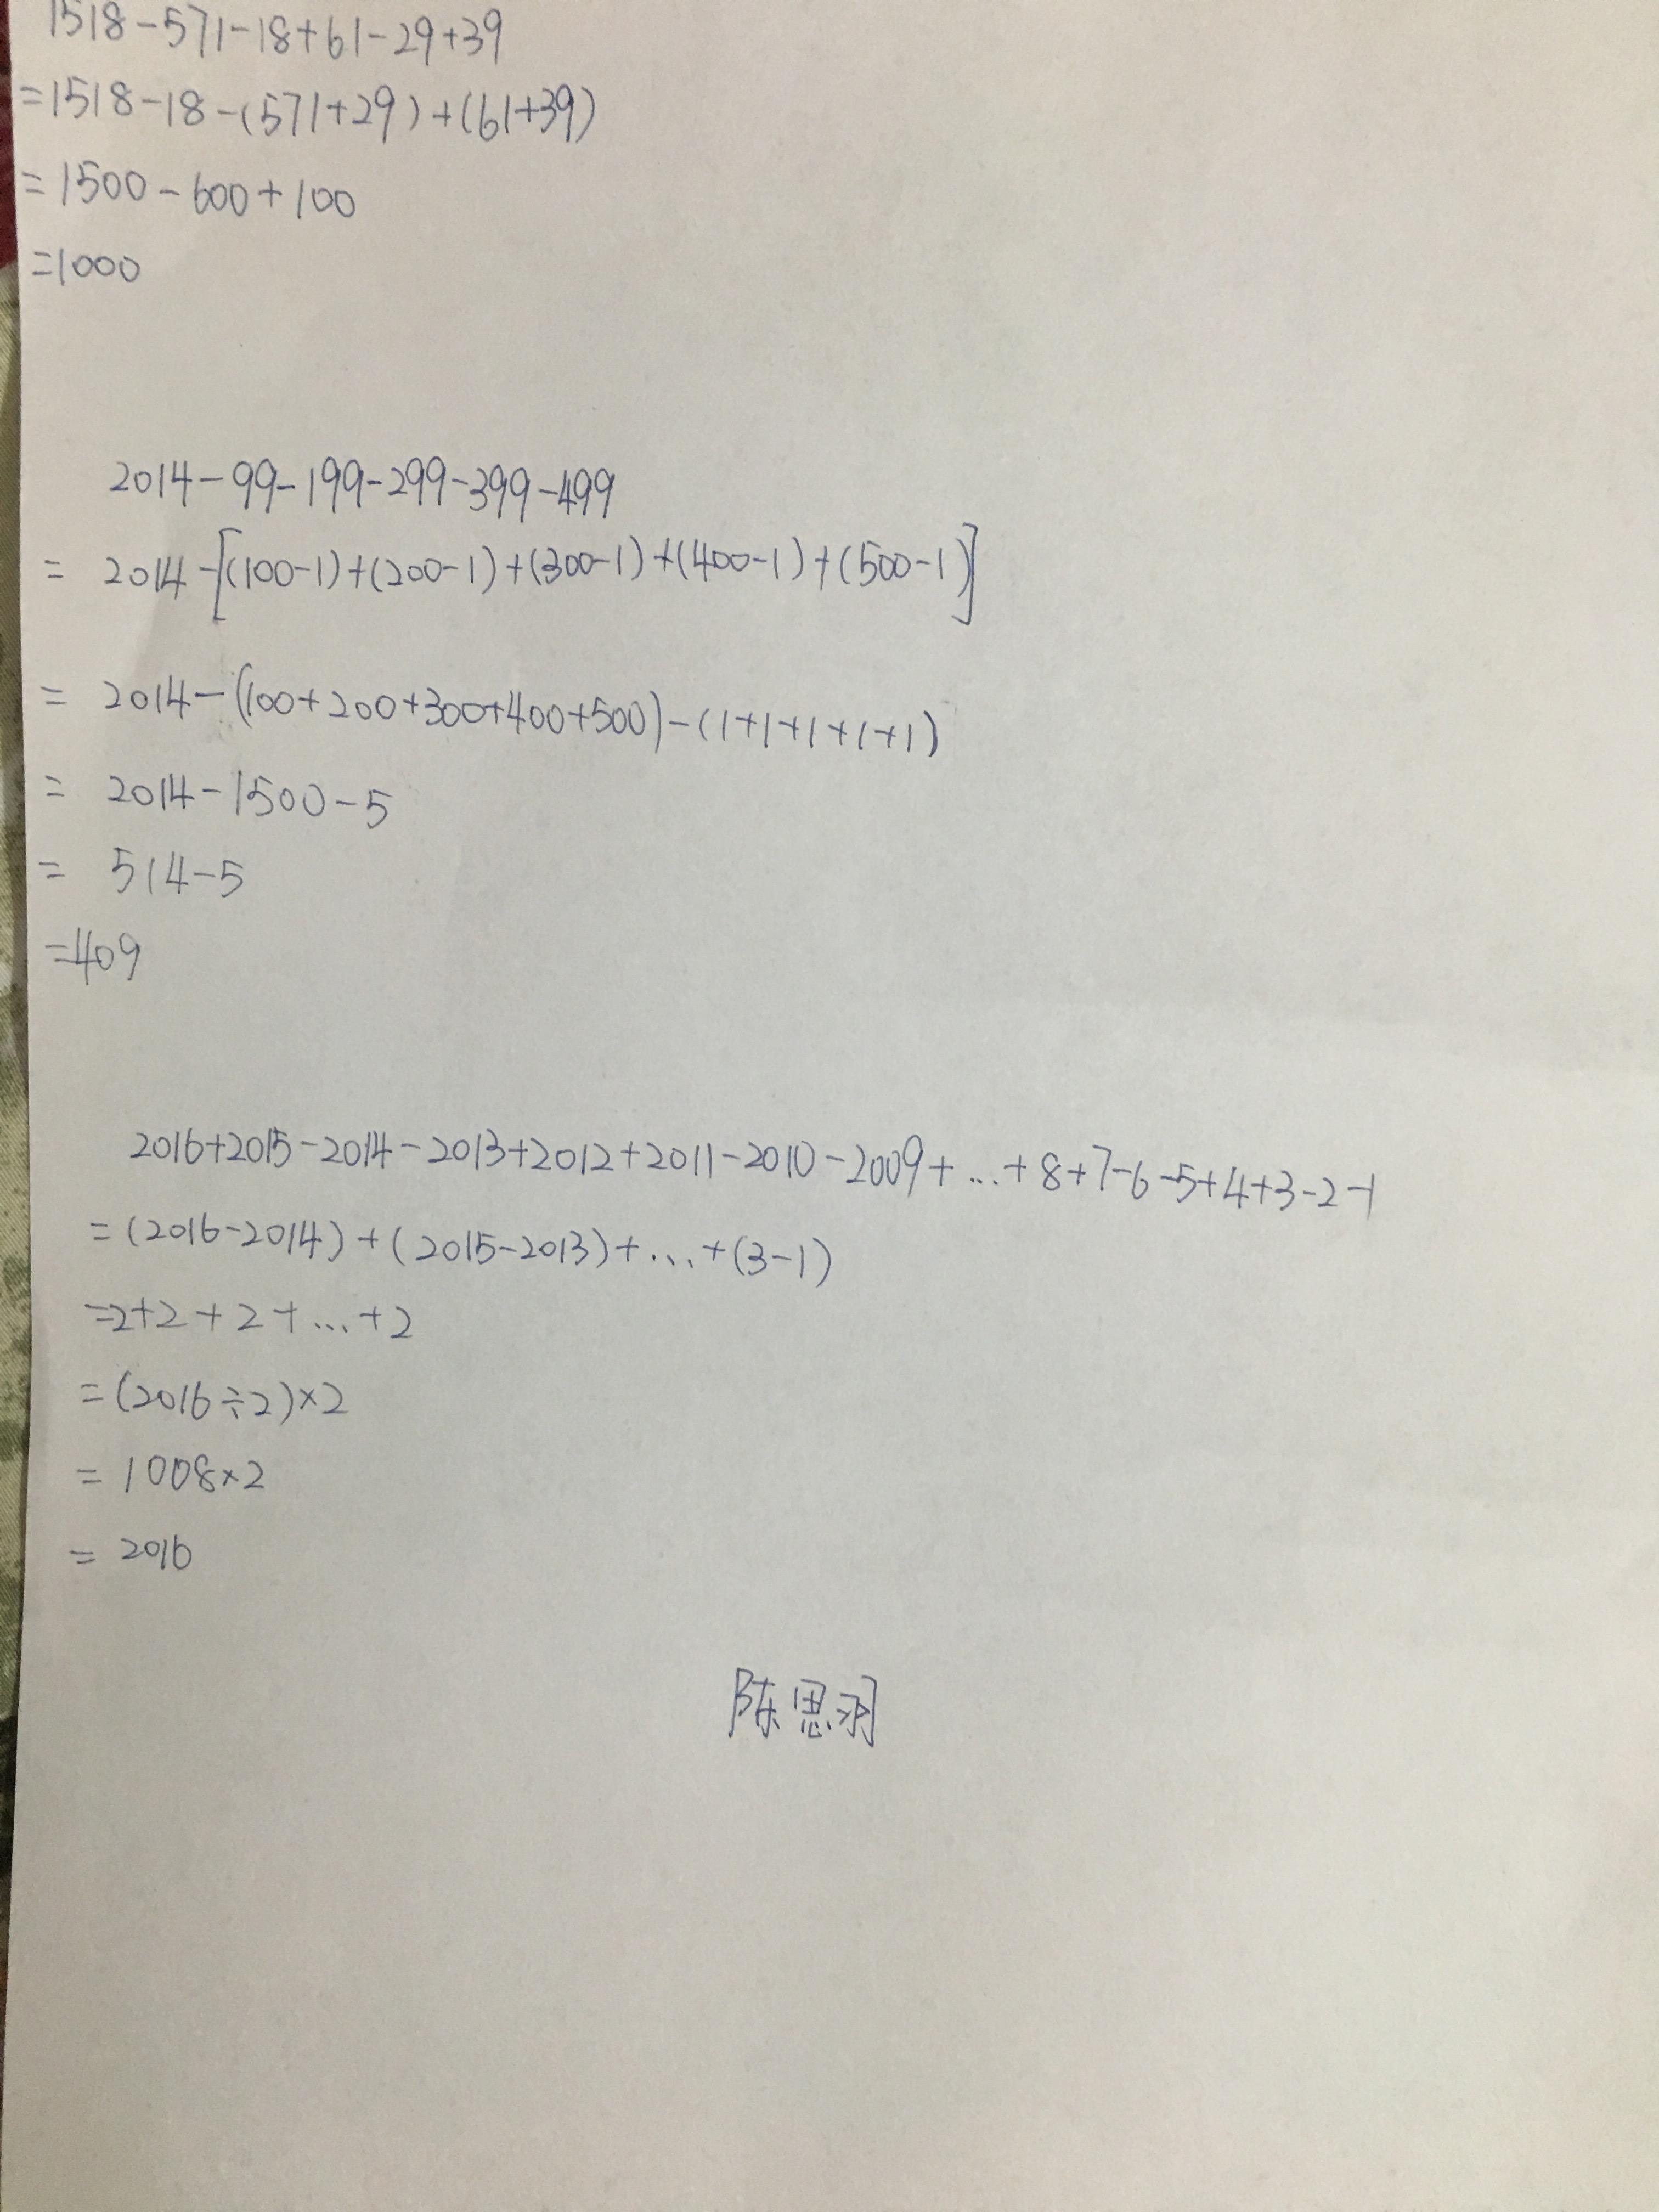 E894364F-876D-4644-B39F-EC4F902671A4.jpg